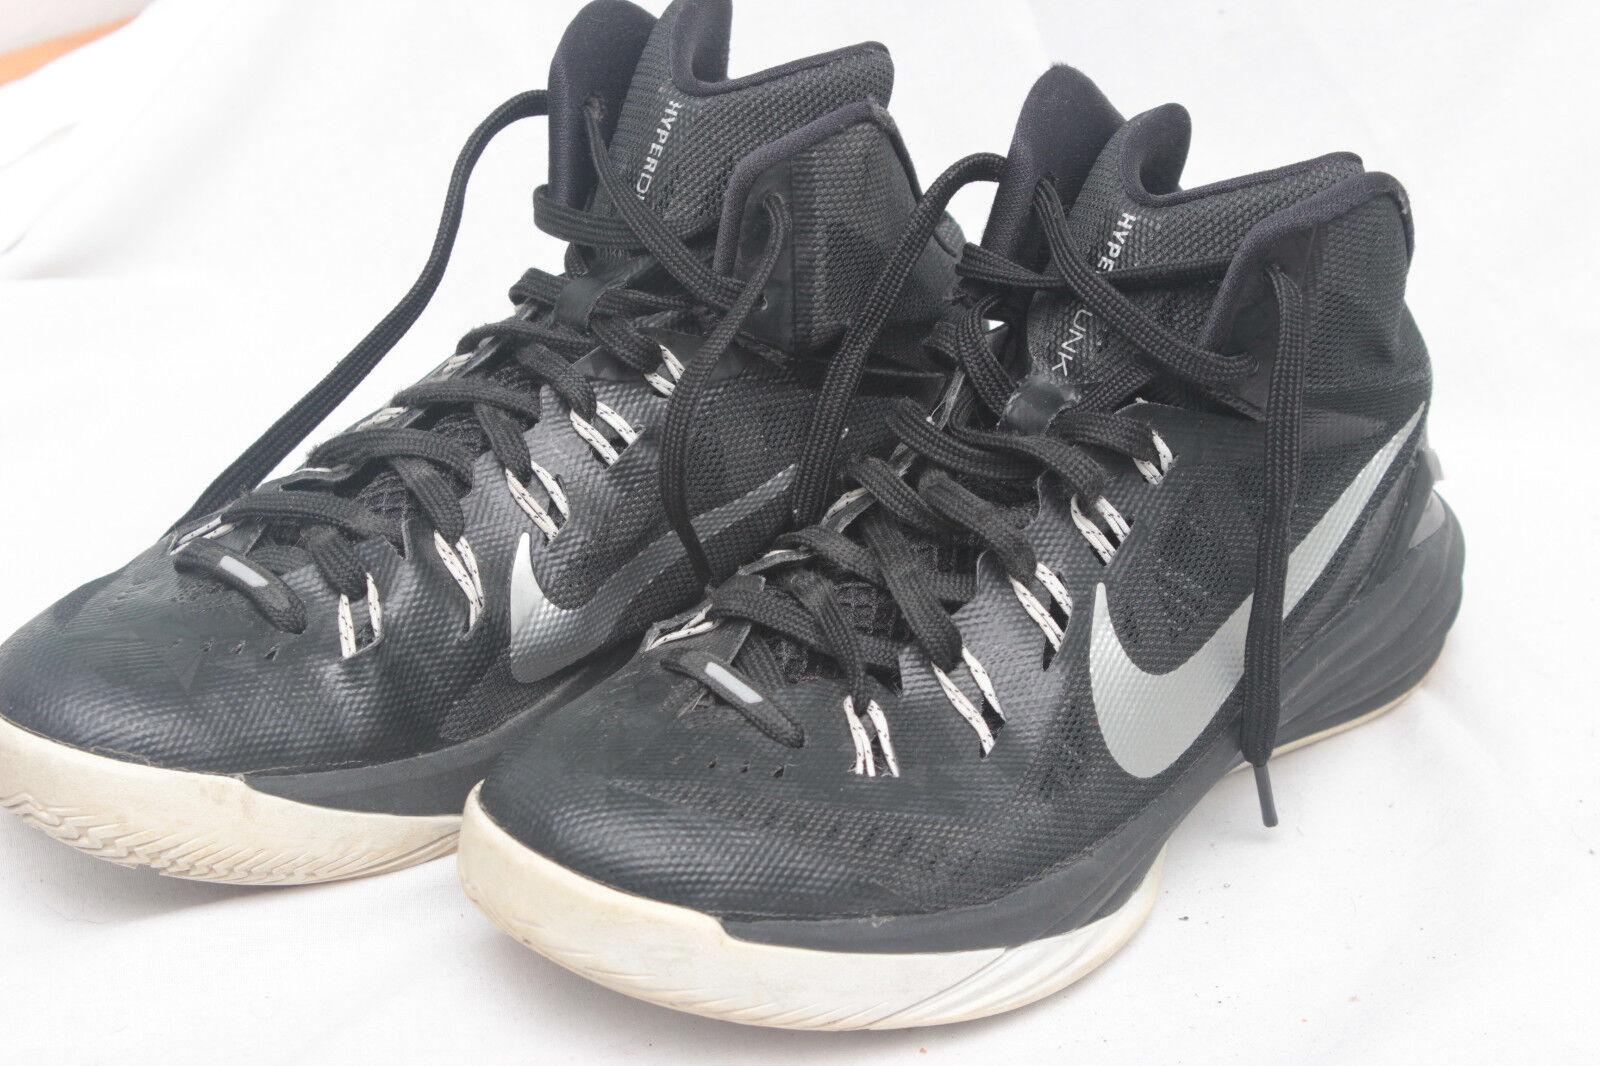 Seasonal clearance sale Nike Hyperdunk Black High Top Basketball Shoes Comfortable